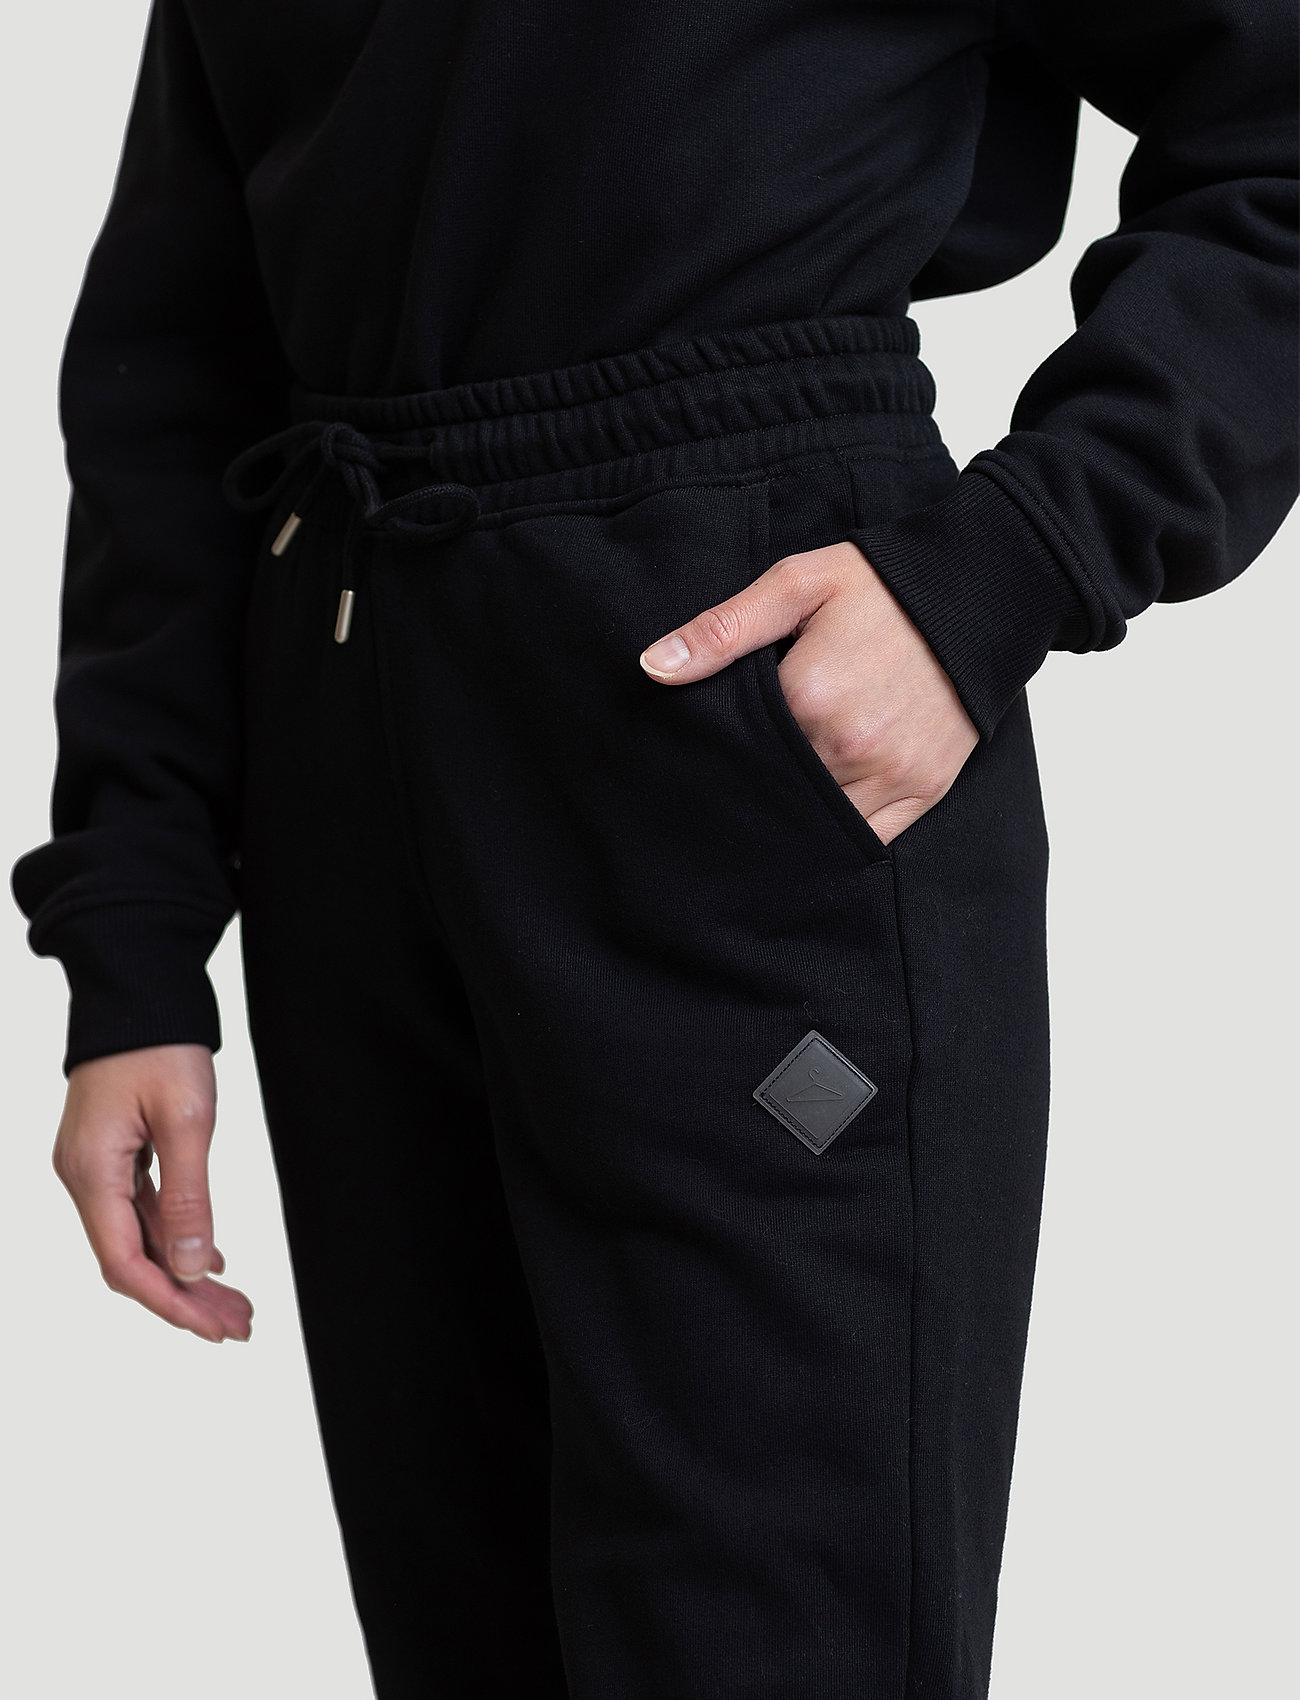 Hanger by Holzweiler - Hanger Trousers - neue mode - black - 0